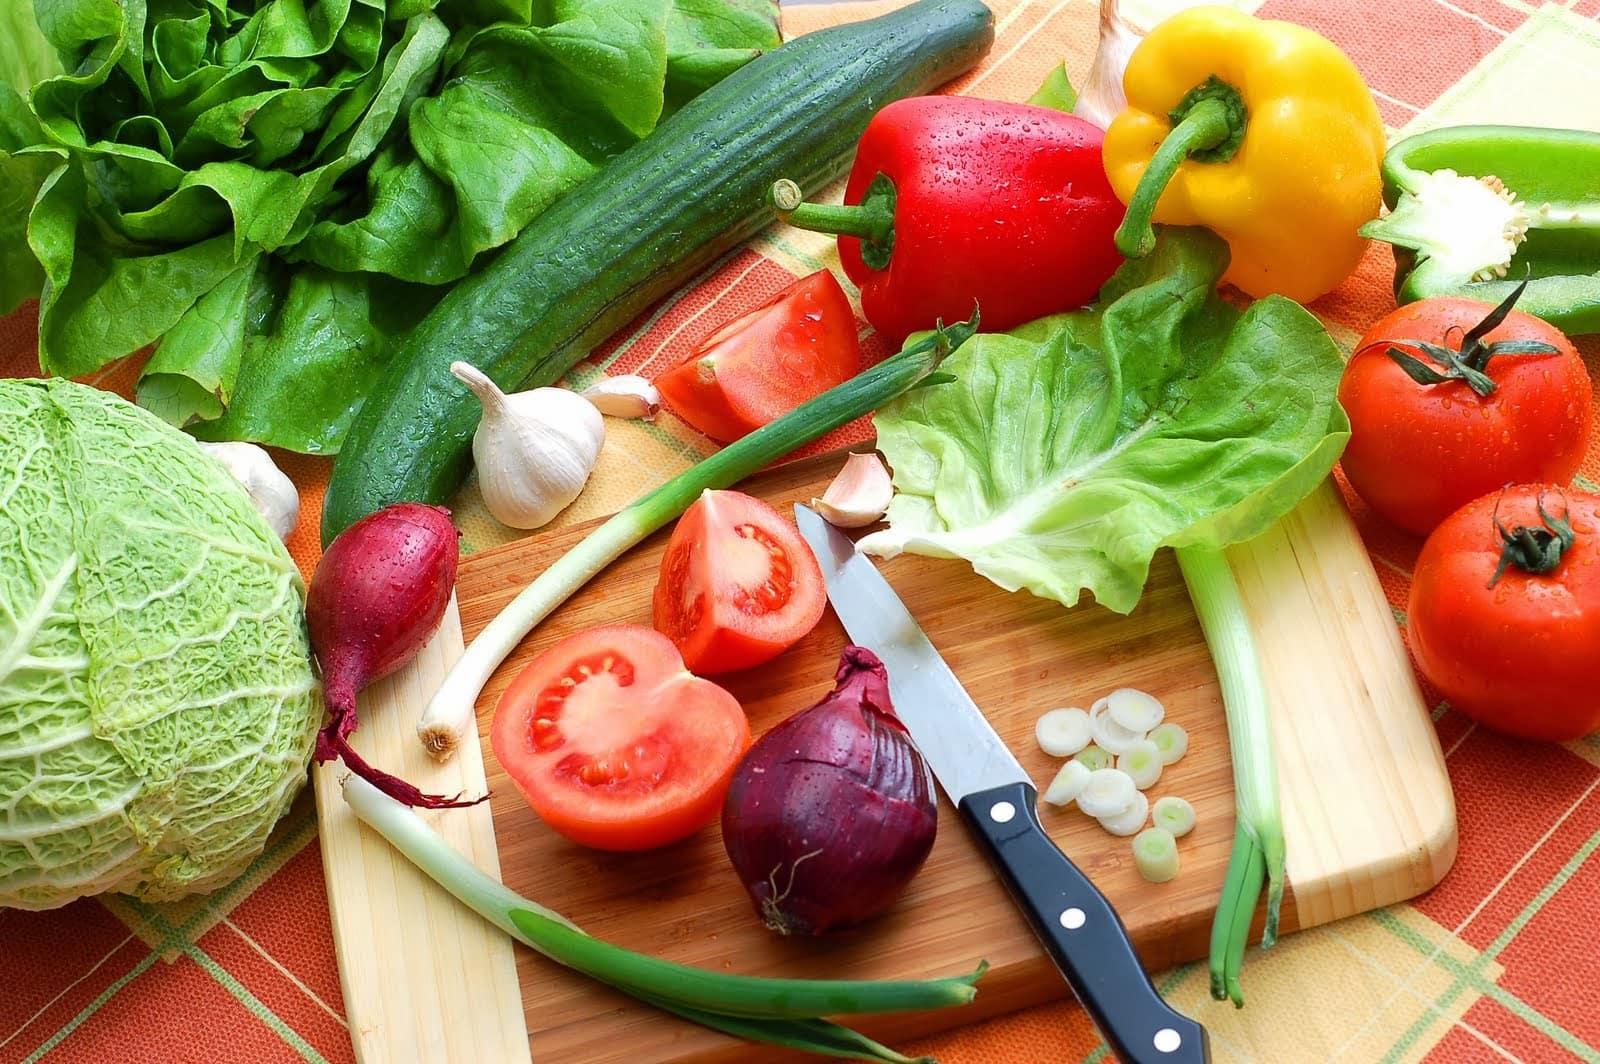 dieta facil para adelgazar 2 kilos en una semana